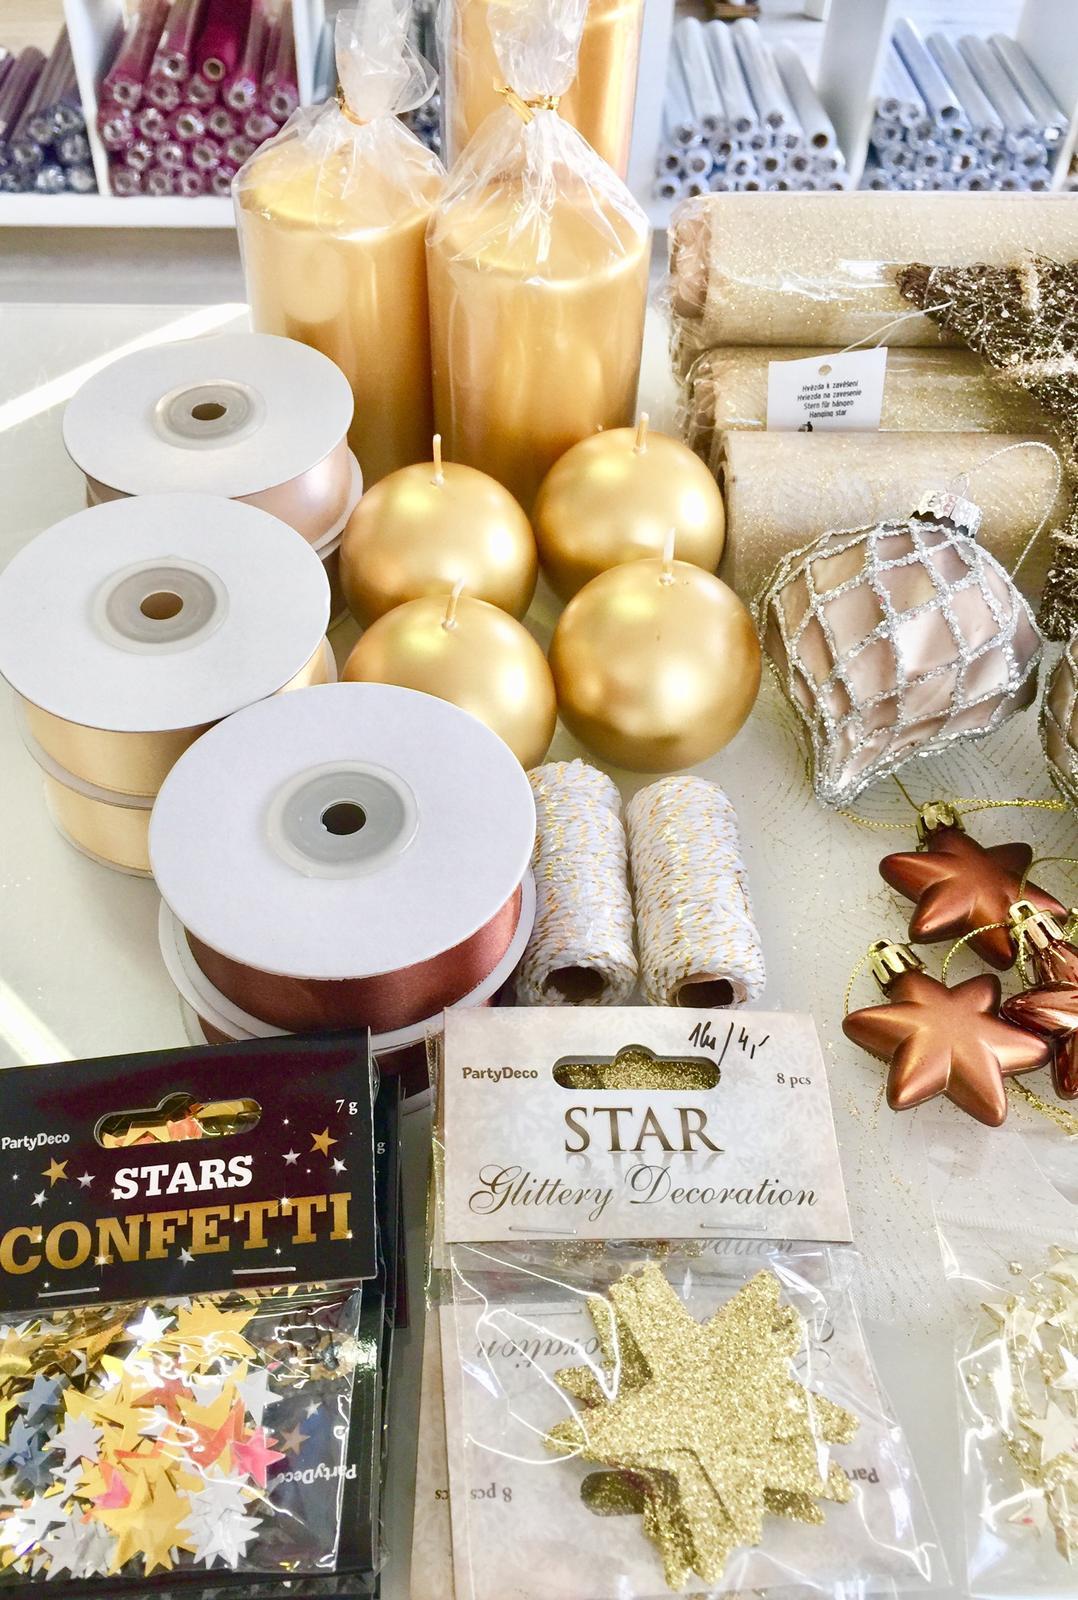 Kamenný obchod Praha 4 - AKCE 15% do 31.10.2019 - Vánoční dekorace na stůl, stromeček do oken- zdobené organzy, satén, svíčky, ubrousky, perličky, girlandy, stuhy dekorační atd...nabízíme v kamenné prodejně na Praze 4, 5. Května 1324/7.